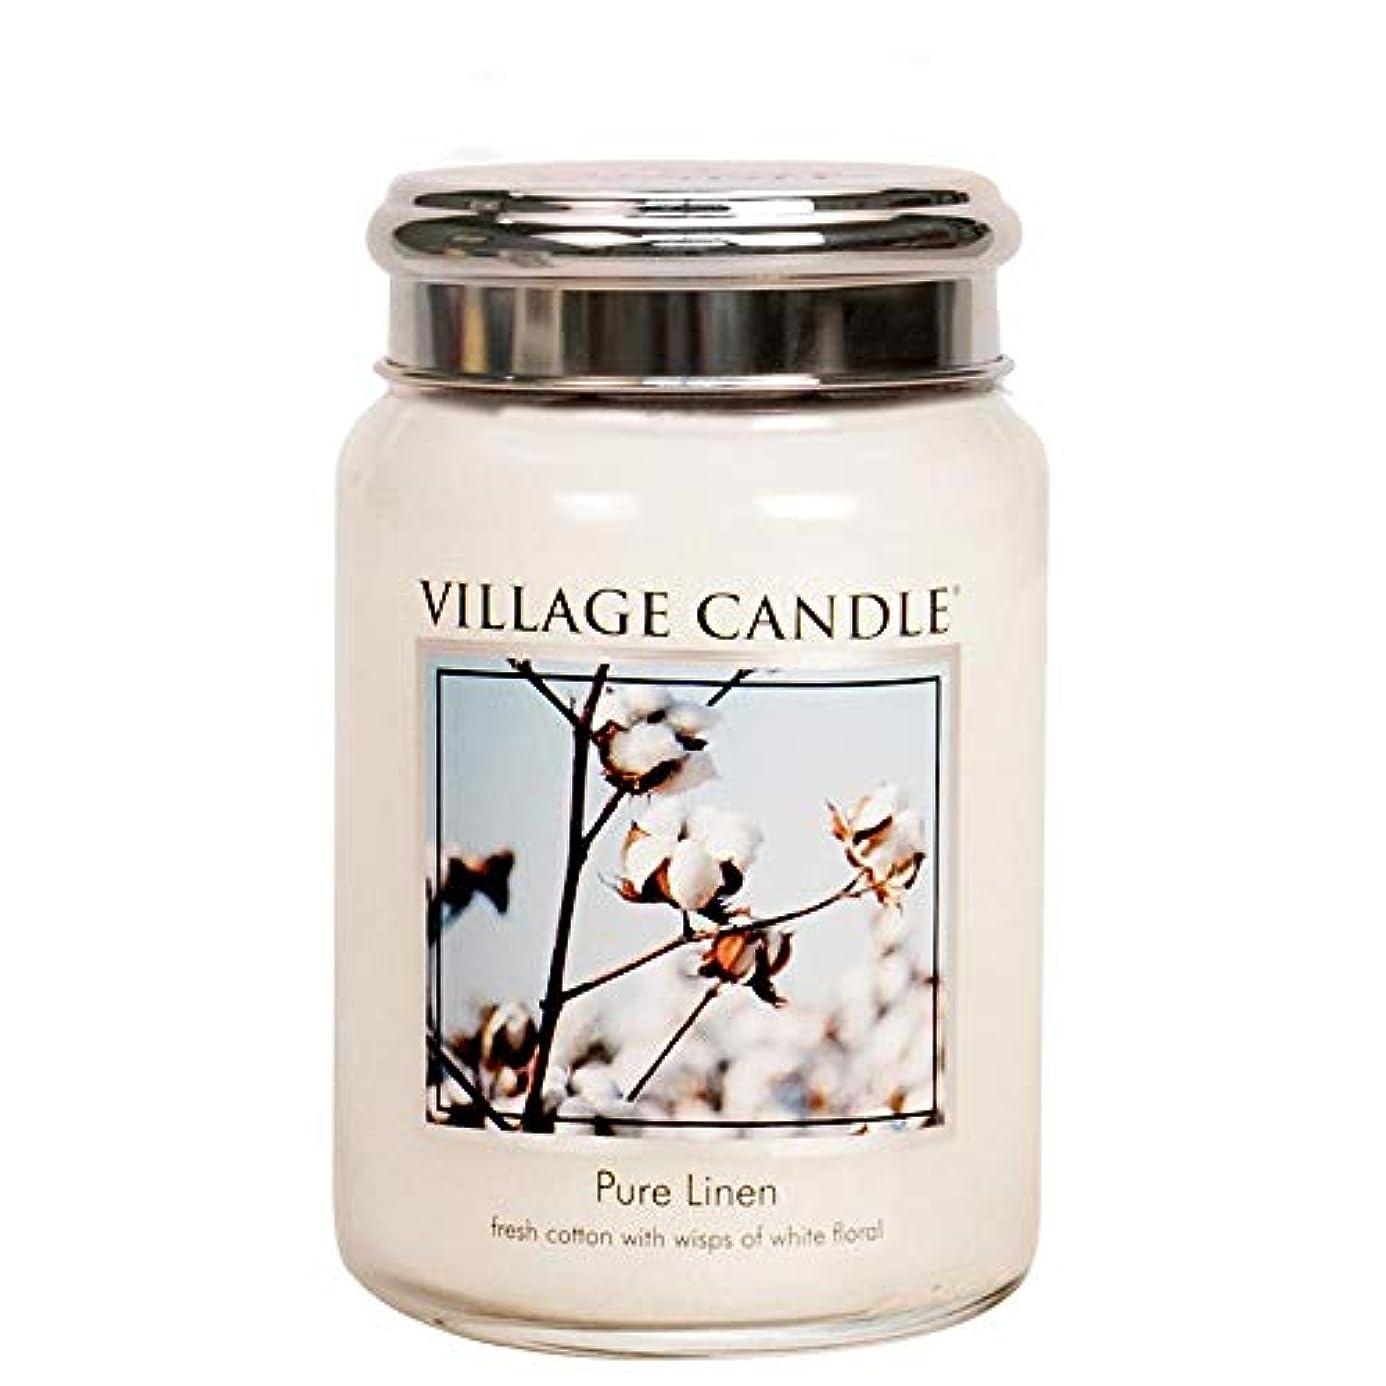 アジャ外出イースターVillage Candle Large Fragranced Candle Jar - 17cm x 10cm - 26oz (1219g)- Pure Linen - upto 170 hours burn time...